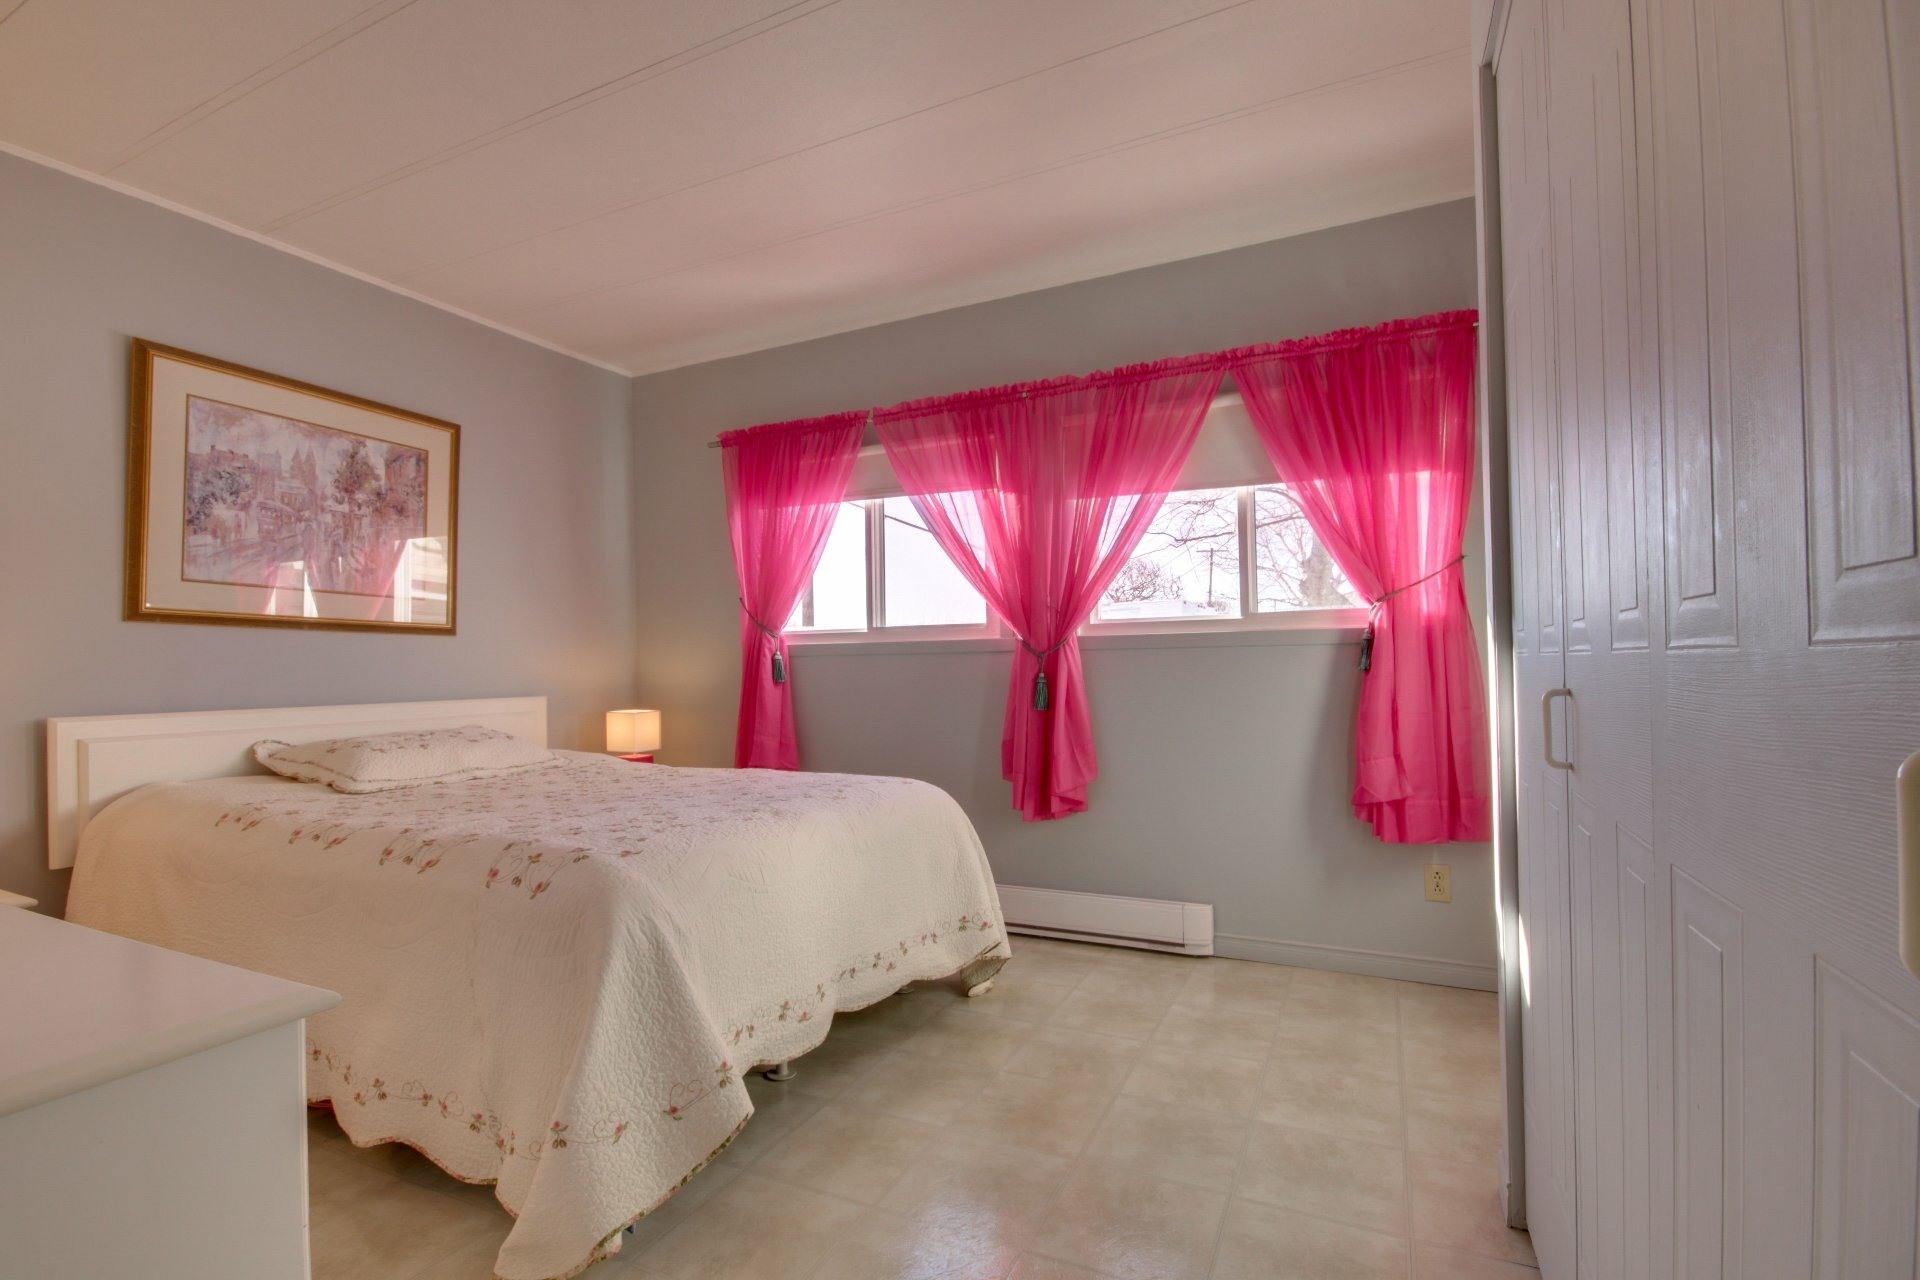 image 15 - House For sale Saint-Pierre-les-Becquets - 6 rooms